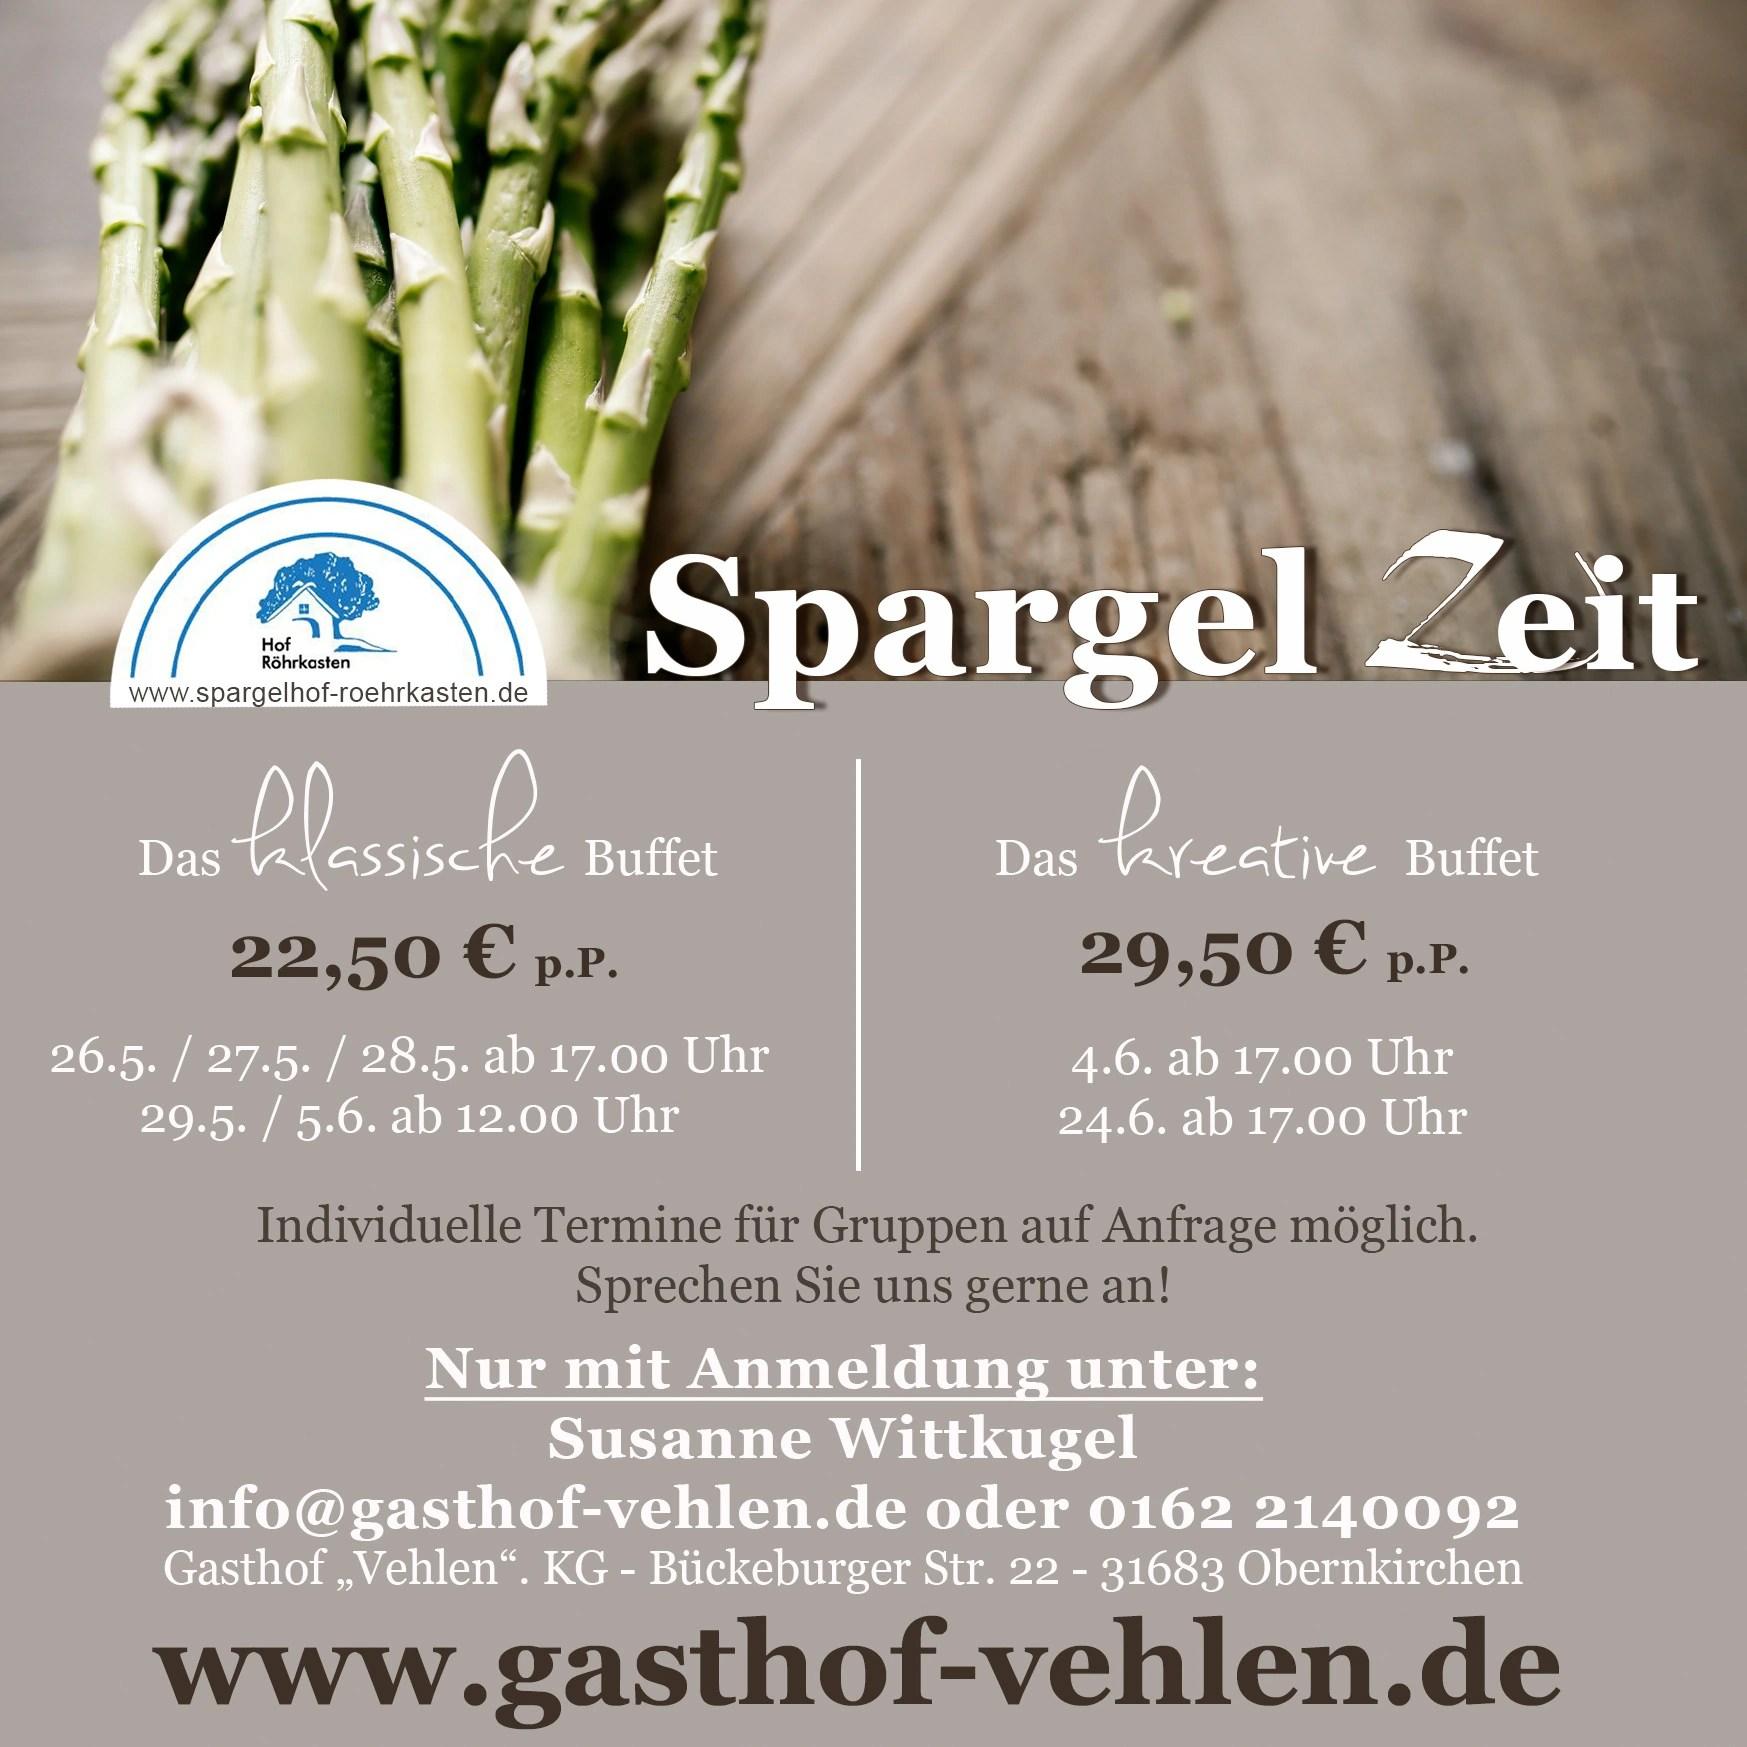 Spargel 15x15WebII 2